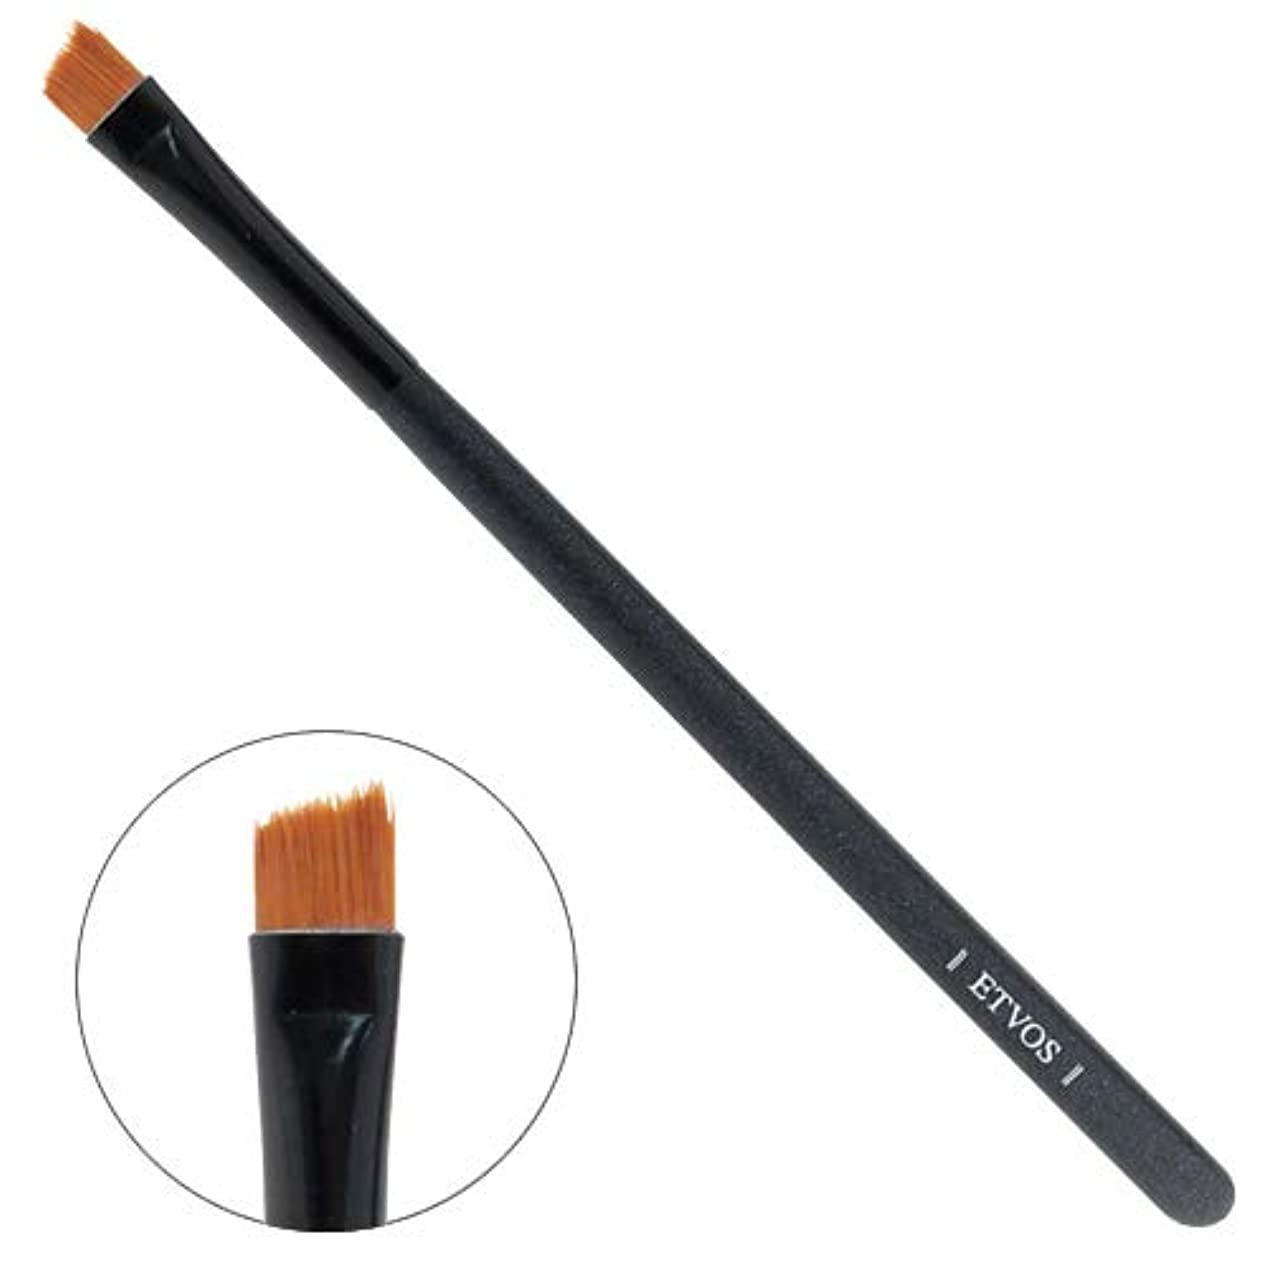 人工的ないいね棚ETVOS(エトヴォス) アイライナーブラシ 毛先を斜めカット/目のキワまでアイラインが引ける化粧筆 12.5cm